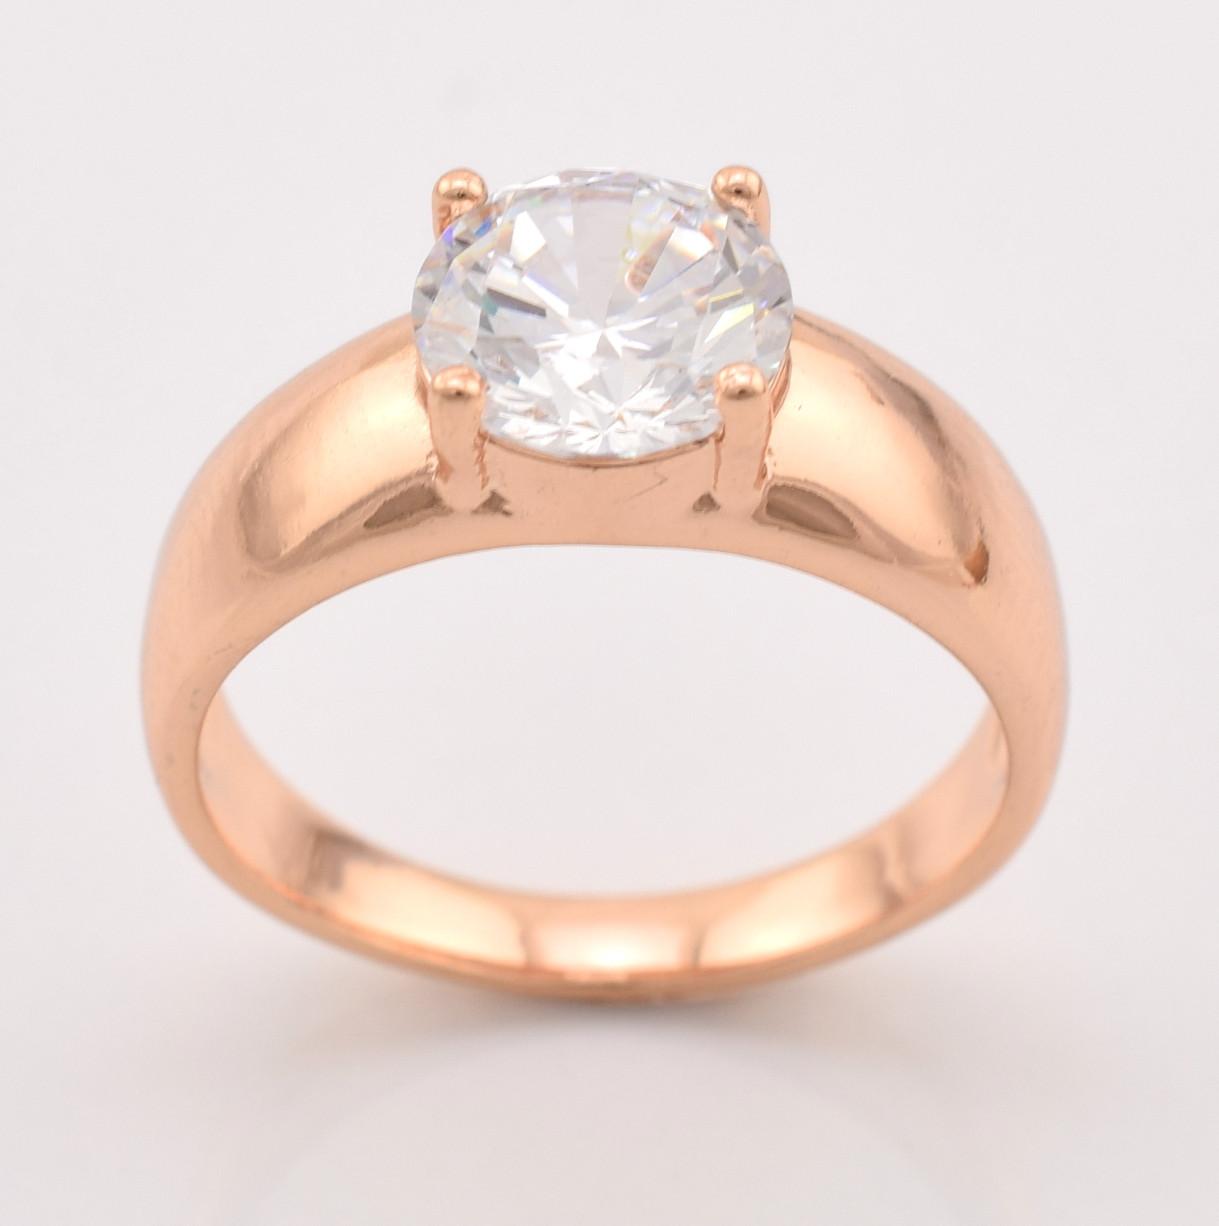 """Кольцо """"Нью-Йорк"""" 12838 размер 16,  ширина 8 мм, вес 3.2 г, белые фианиты, позолота РО"""